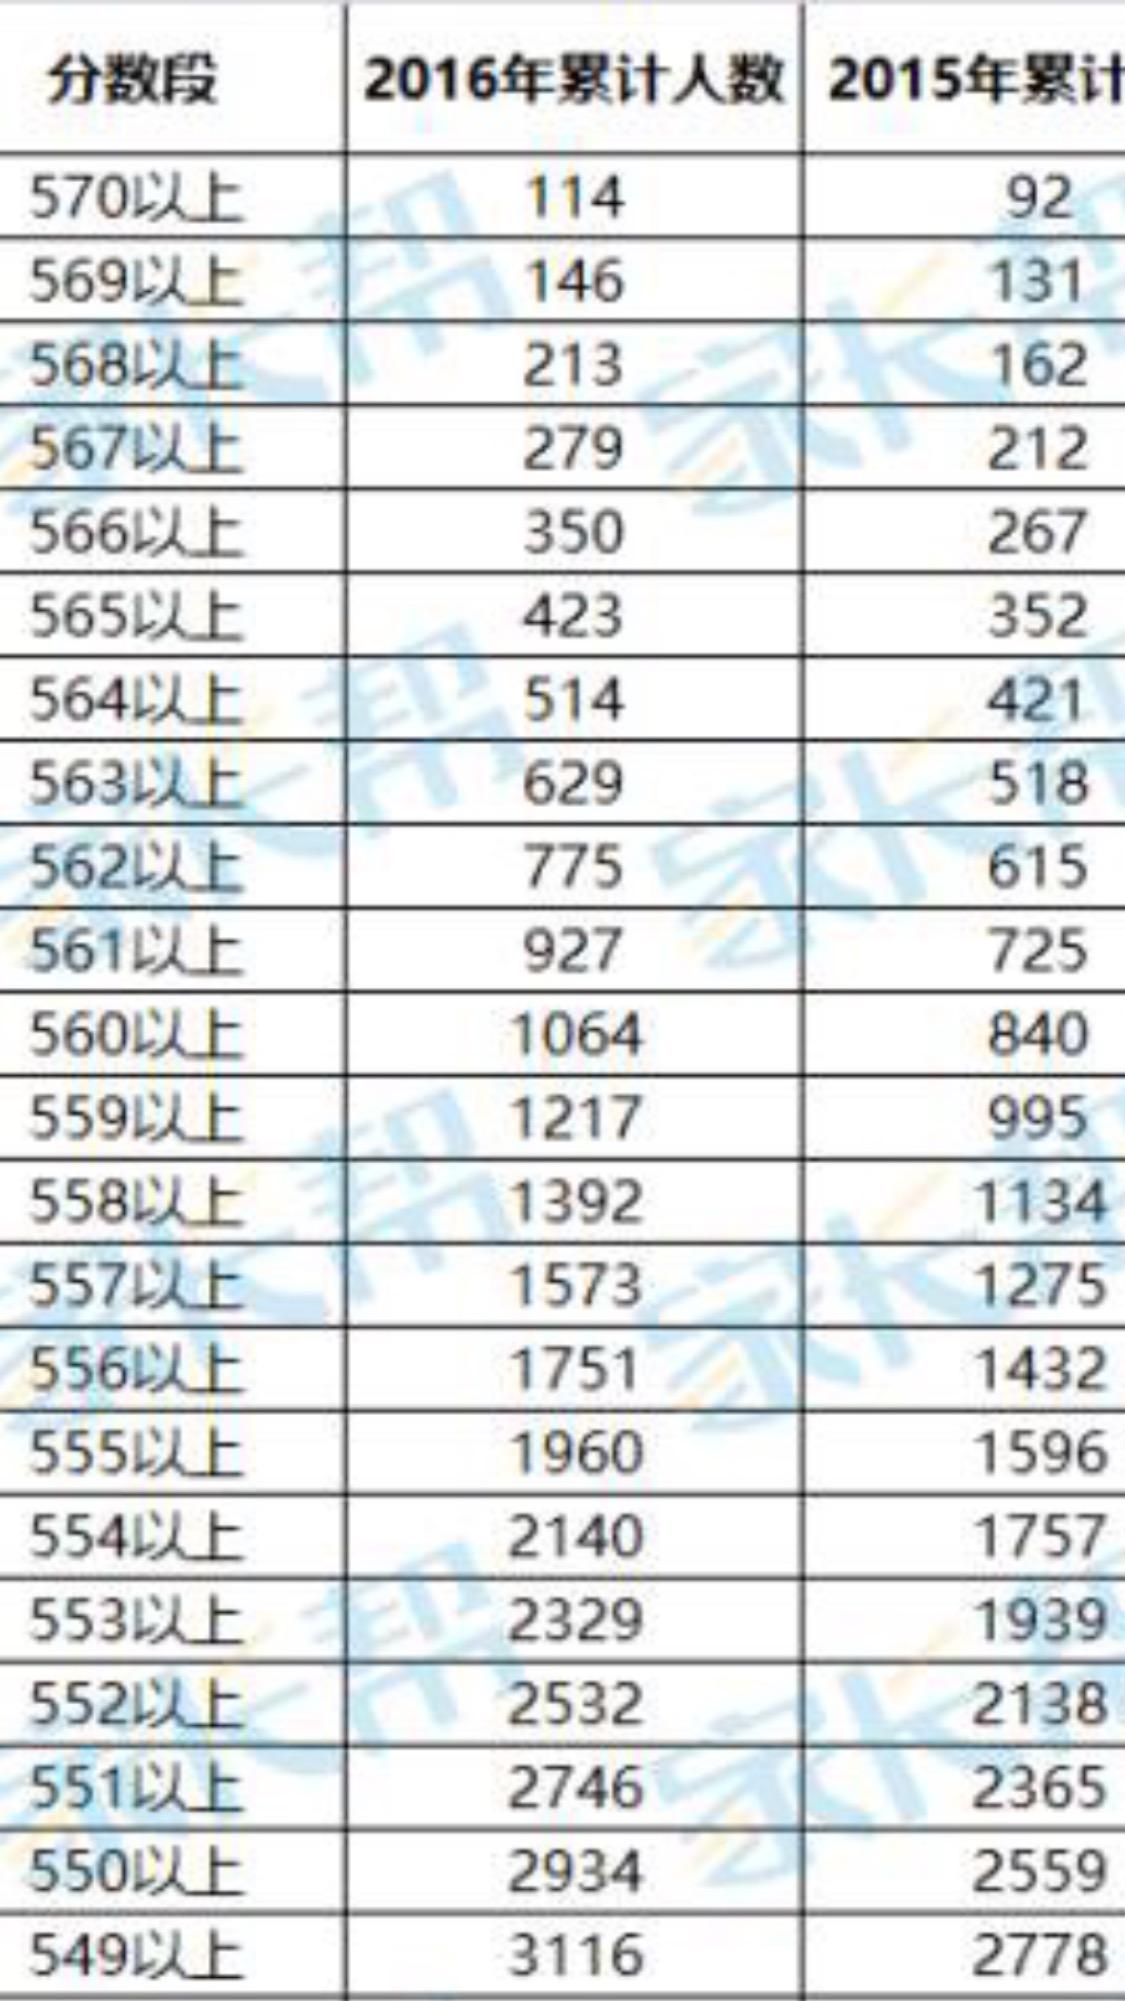 07475B3F-3619-4A45-9397-B995DD18A5BA.jpg